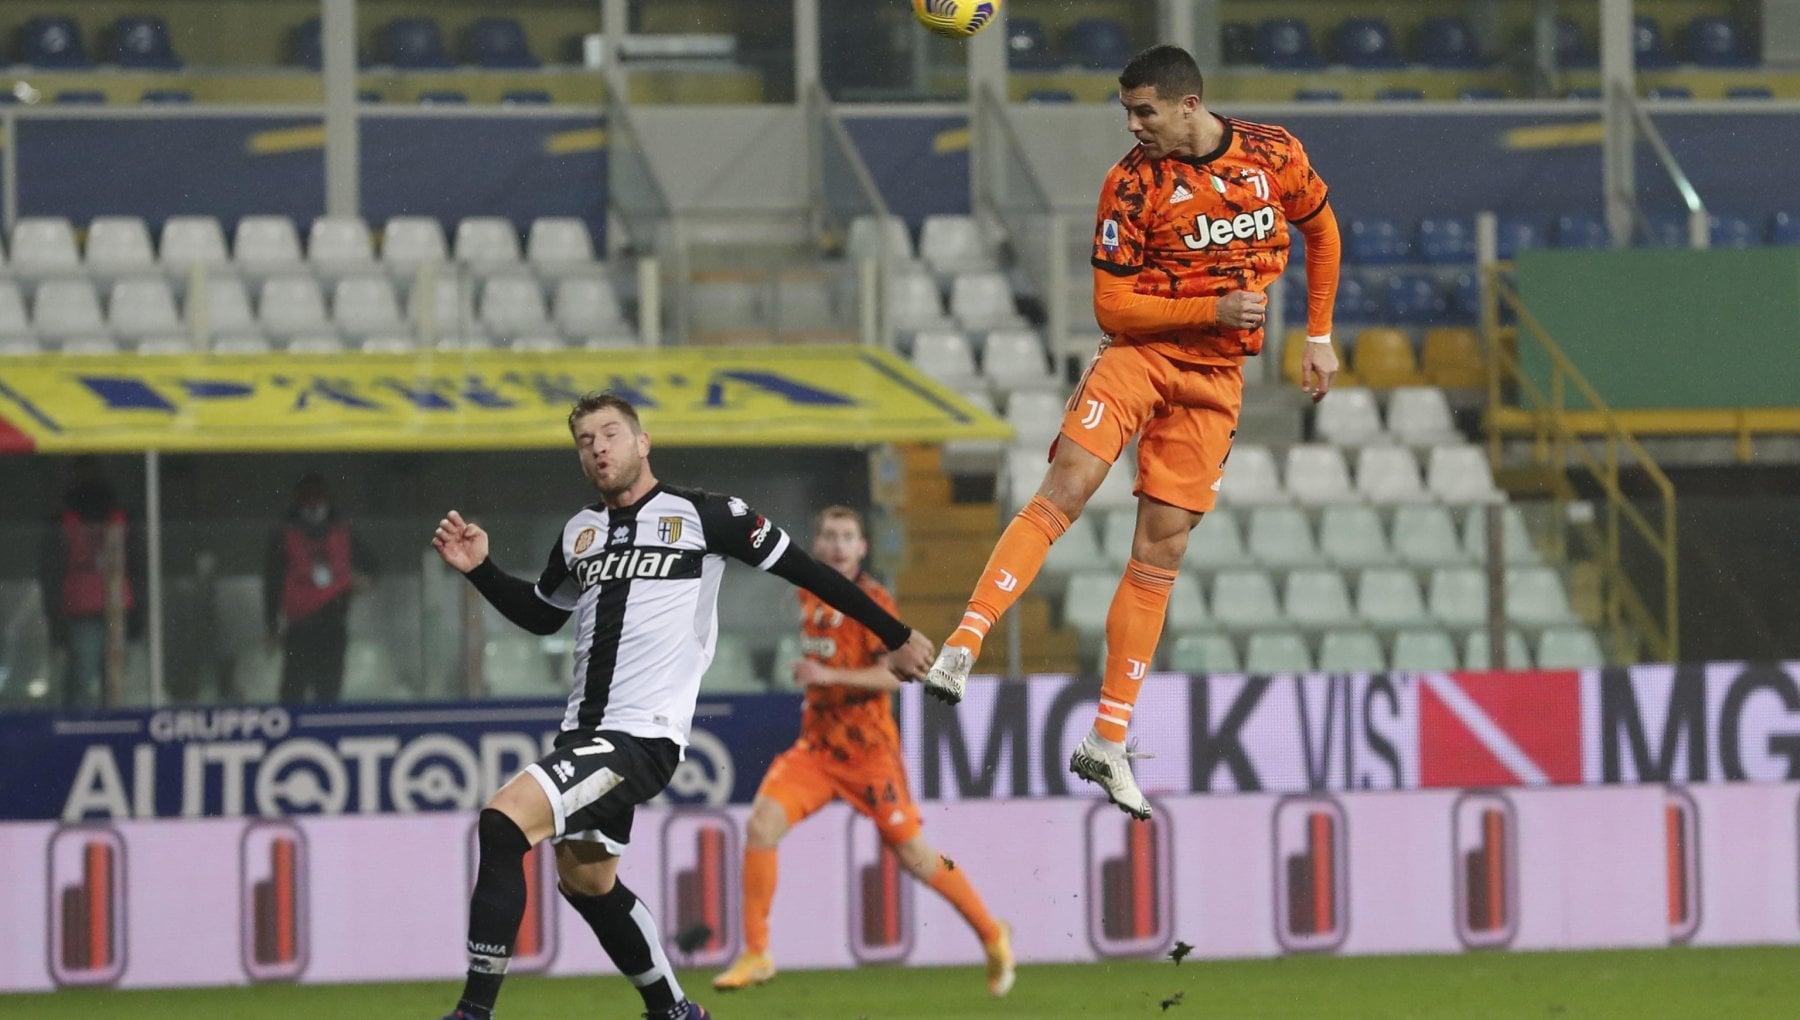 Parma-Juventus 0-4: Ronaldo si riprende subito la scena - la Repubblica